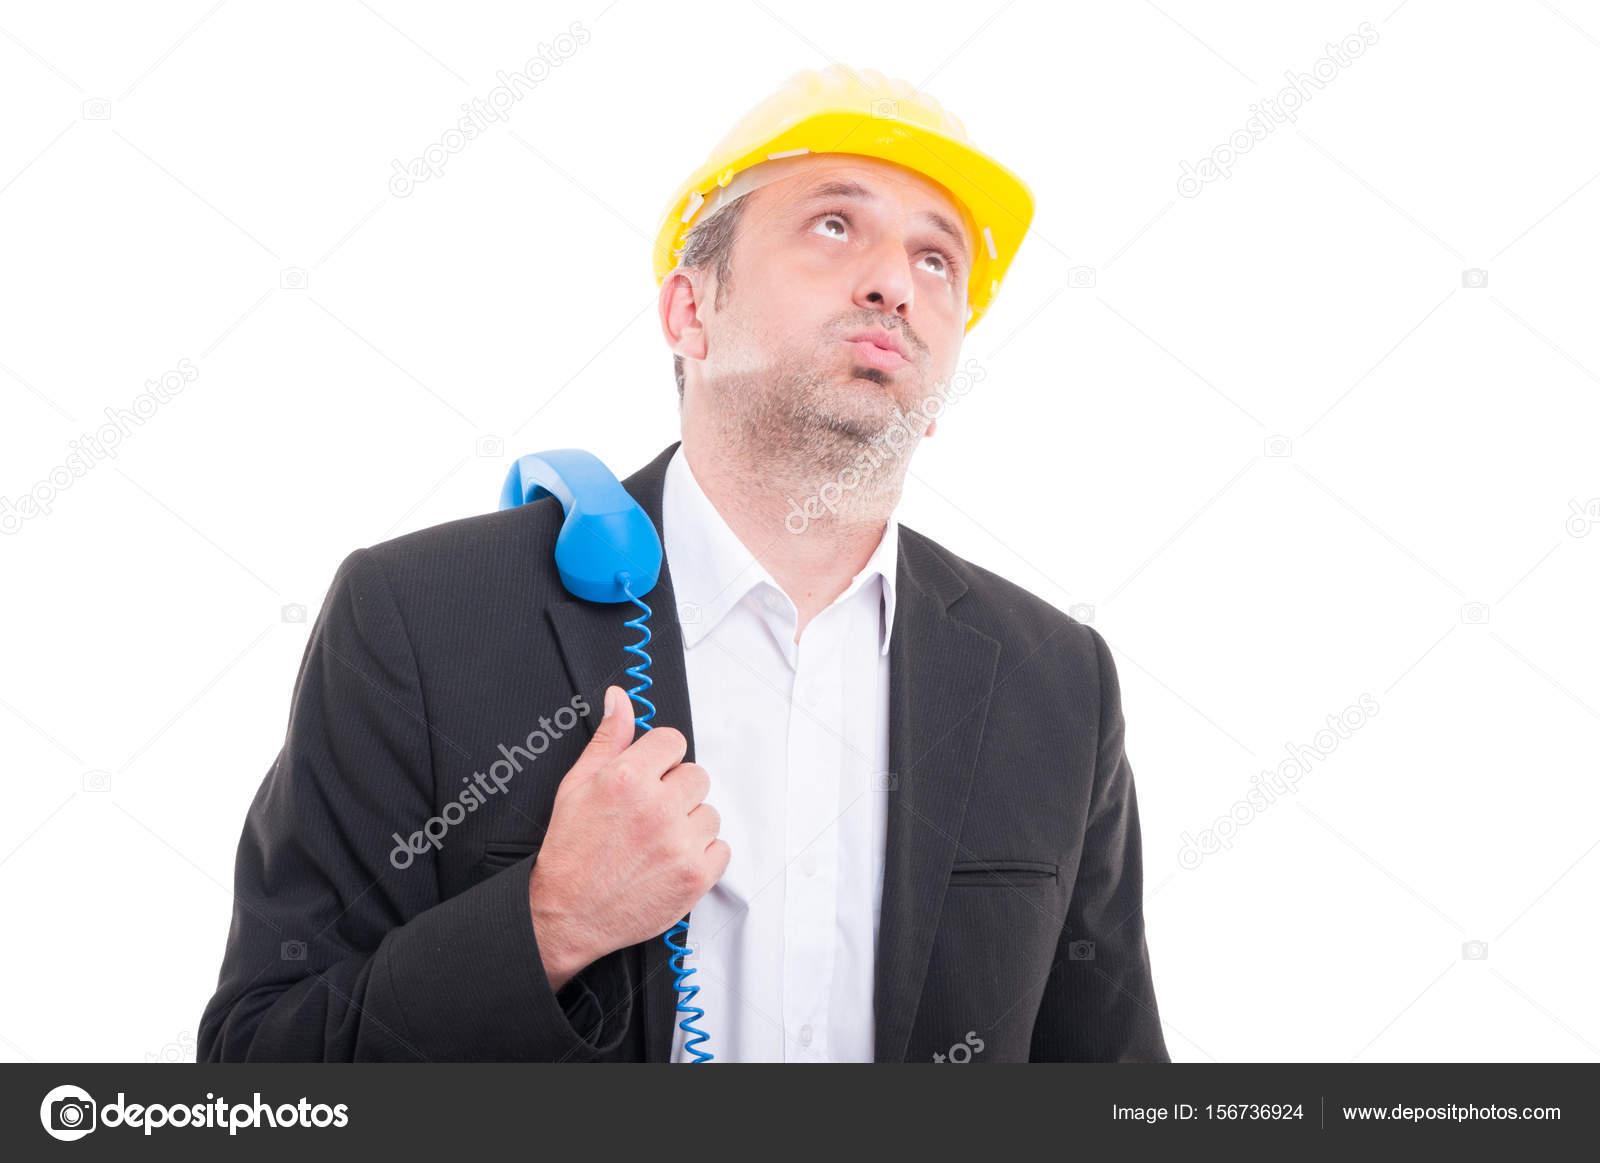 Suche Architekt architekt suche mit telefonhörer auf schulter gebohrt stockfoto